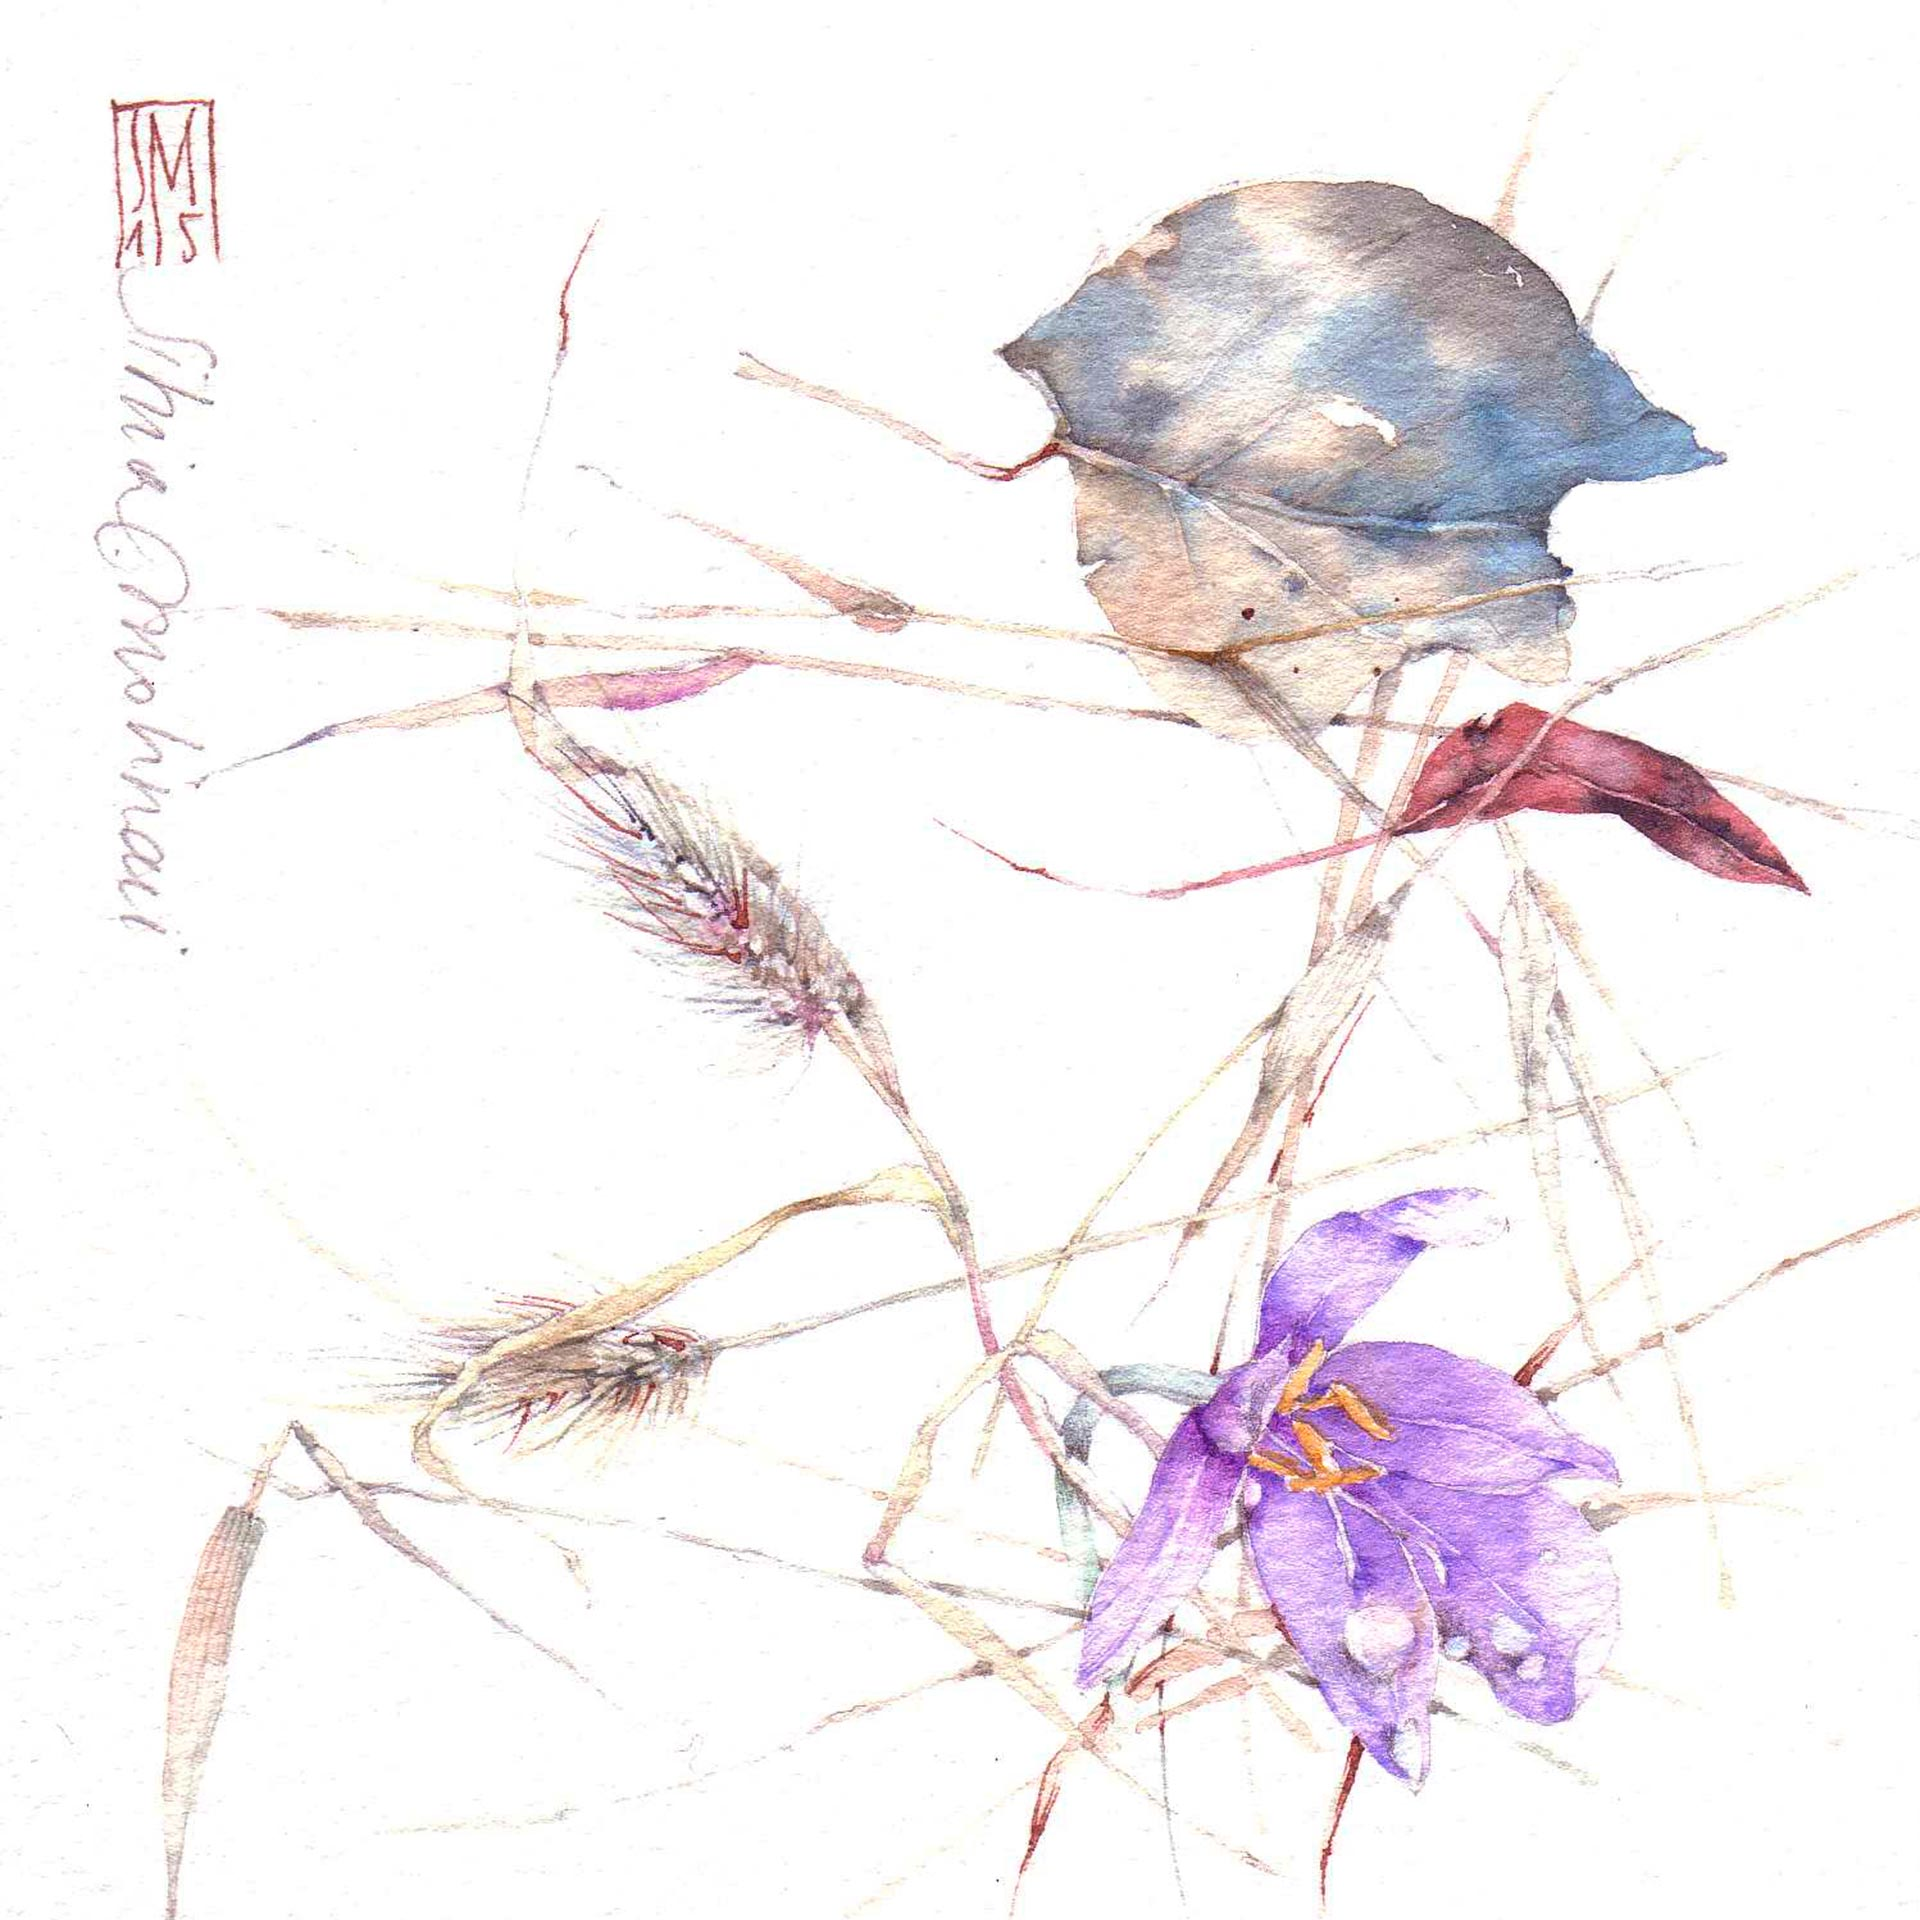 Amato Works - Silvia Molinari artista, acquerello botanico, disegno  MC23